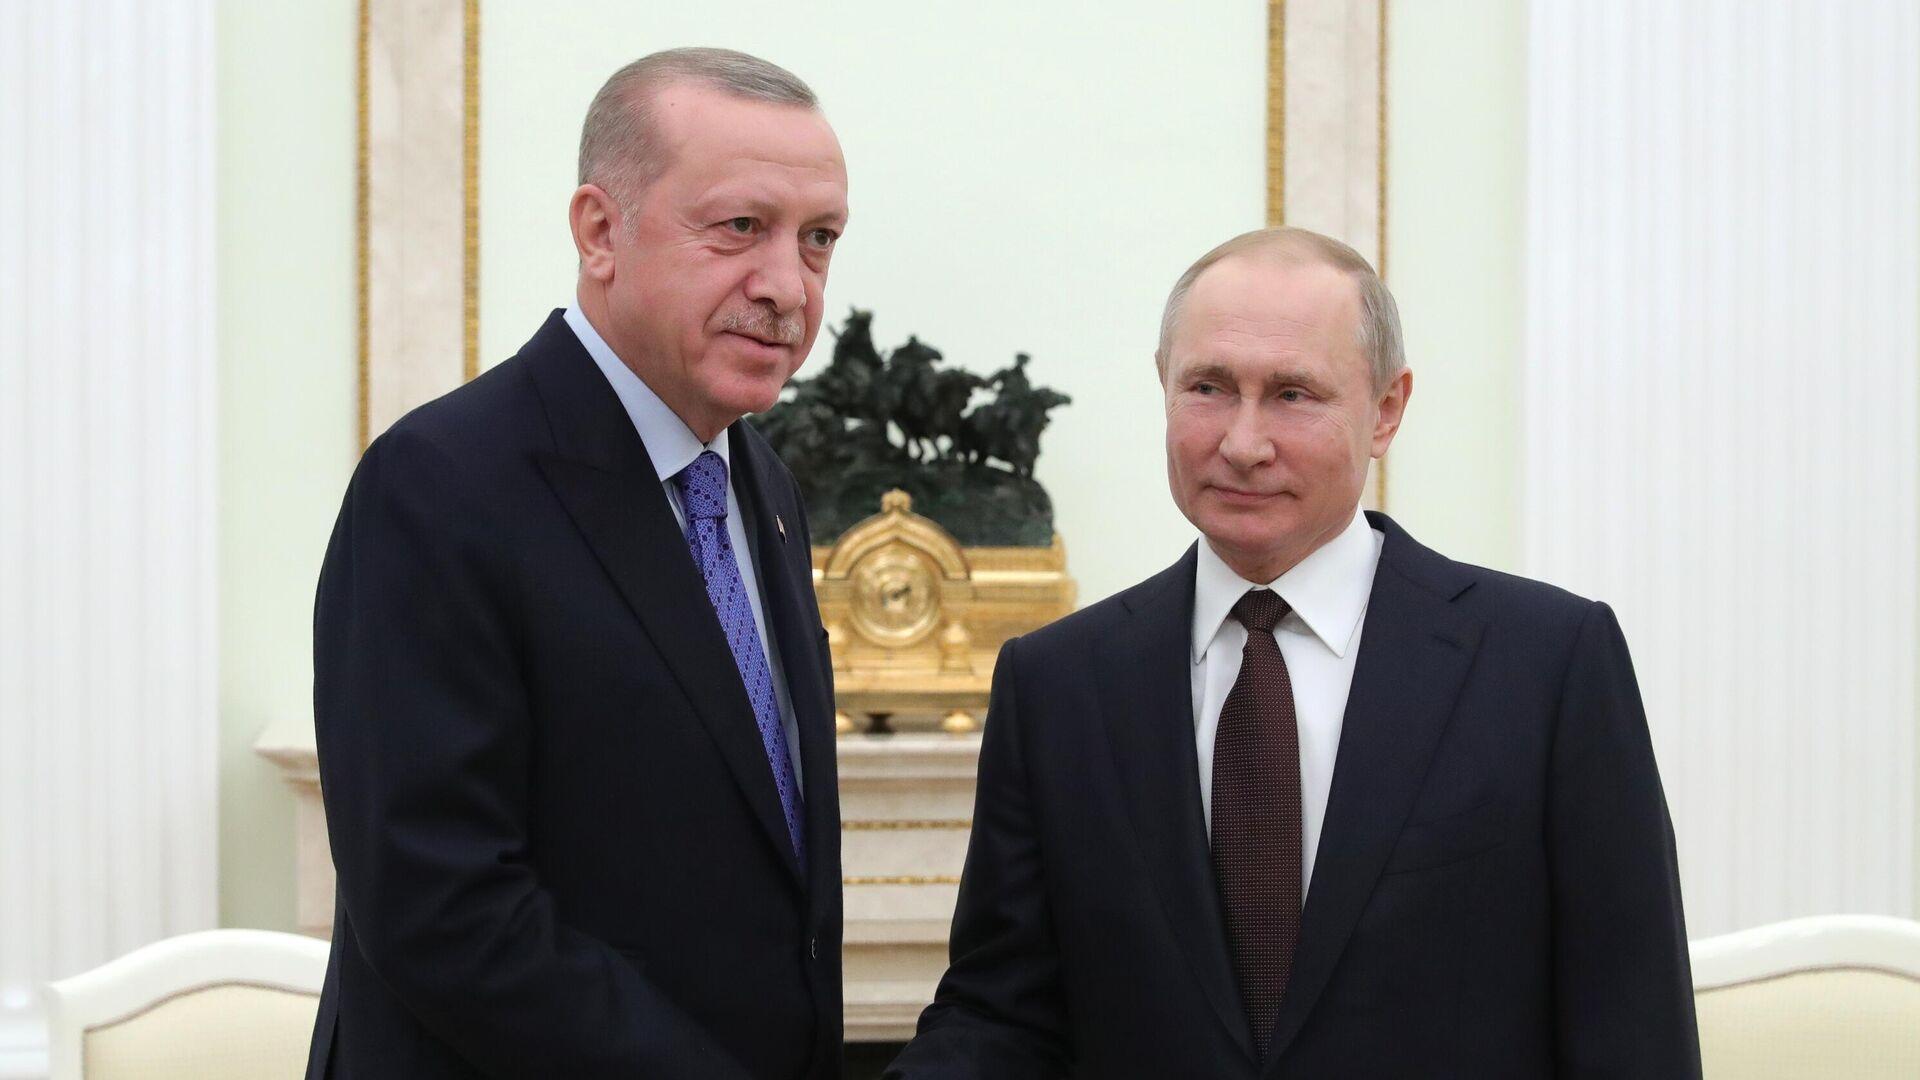 Путин и Эрдоган пообщаются один на один на переговорах в Сочи